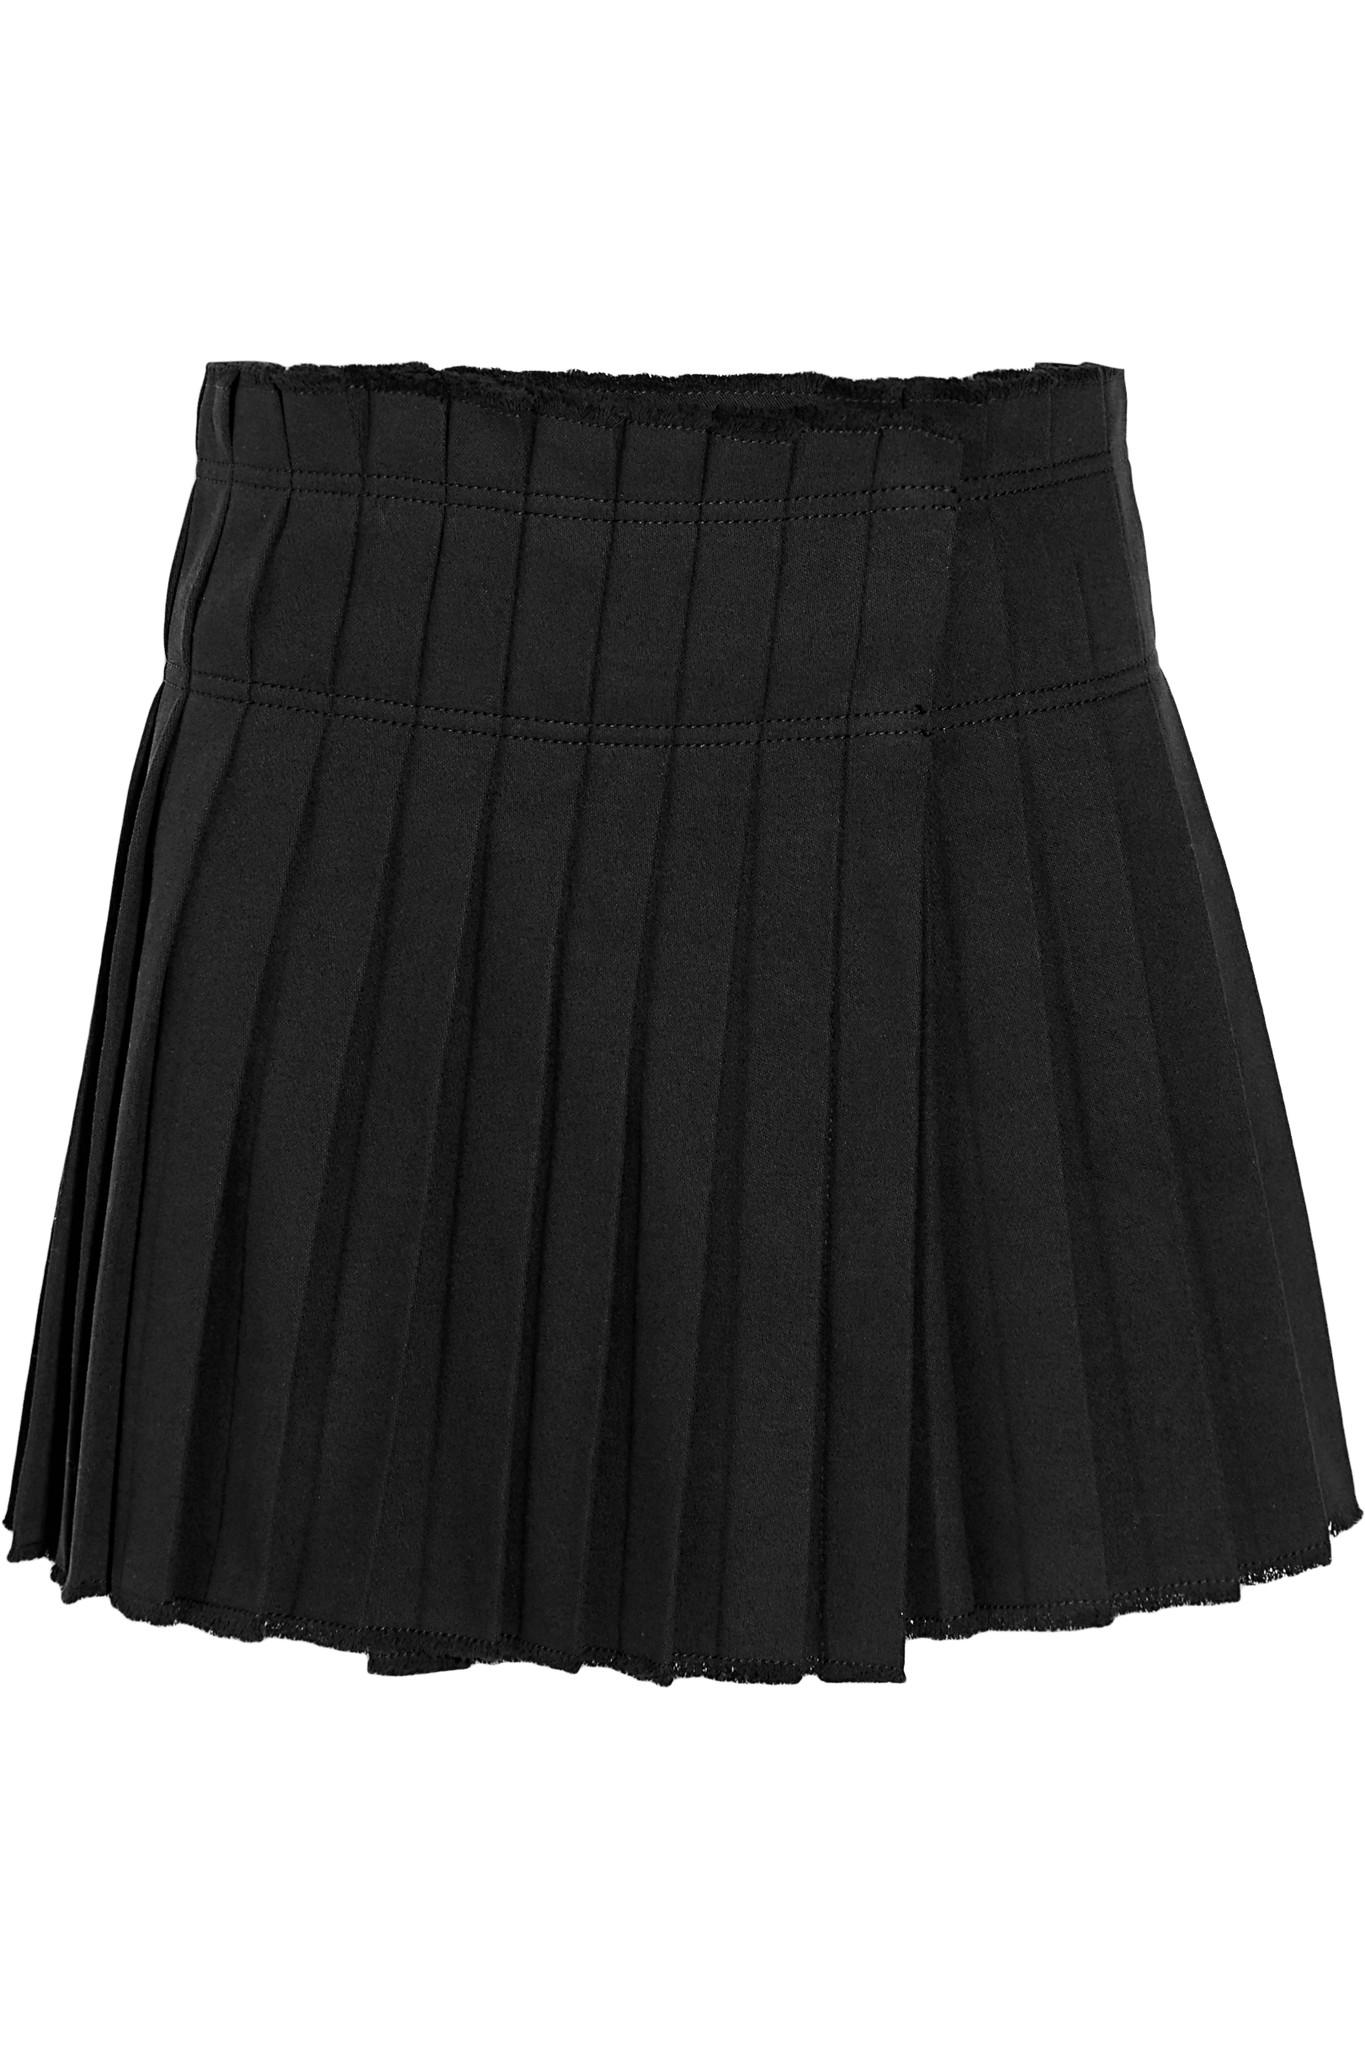 marant kib pleated cotton mini skirt in black lyst